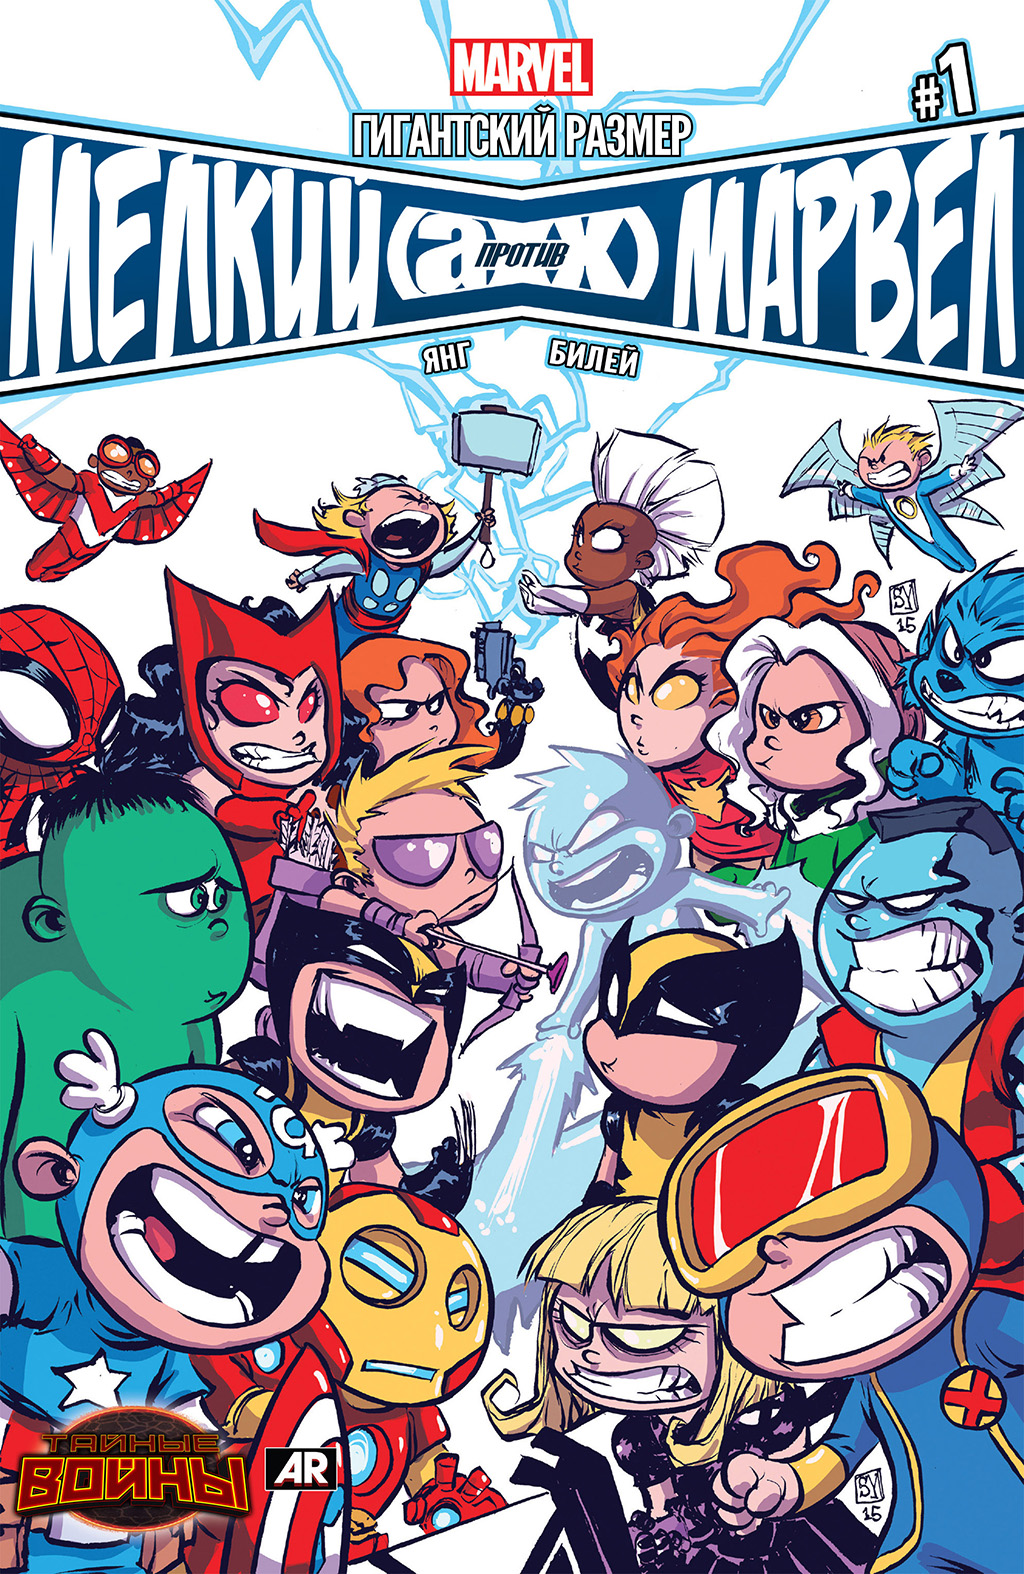 Комикс Гигантский Размер: Мелкий Марвел: Мстители против Людей-Икс